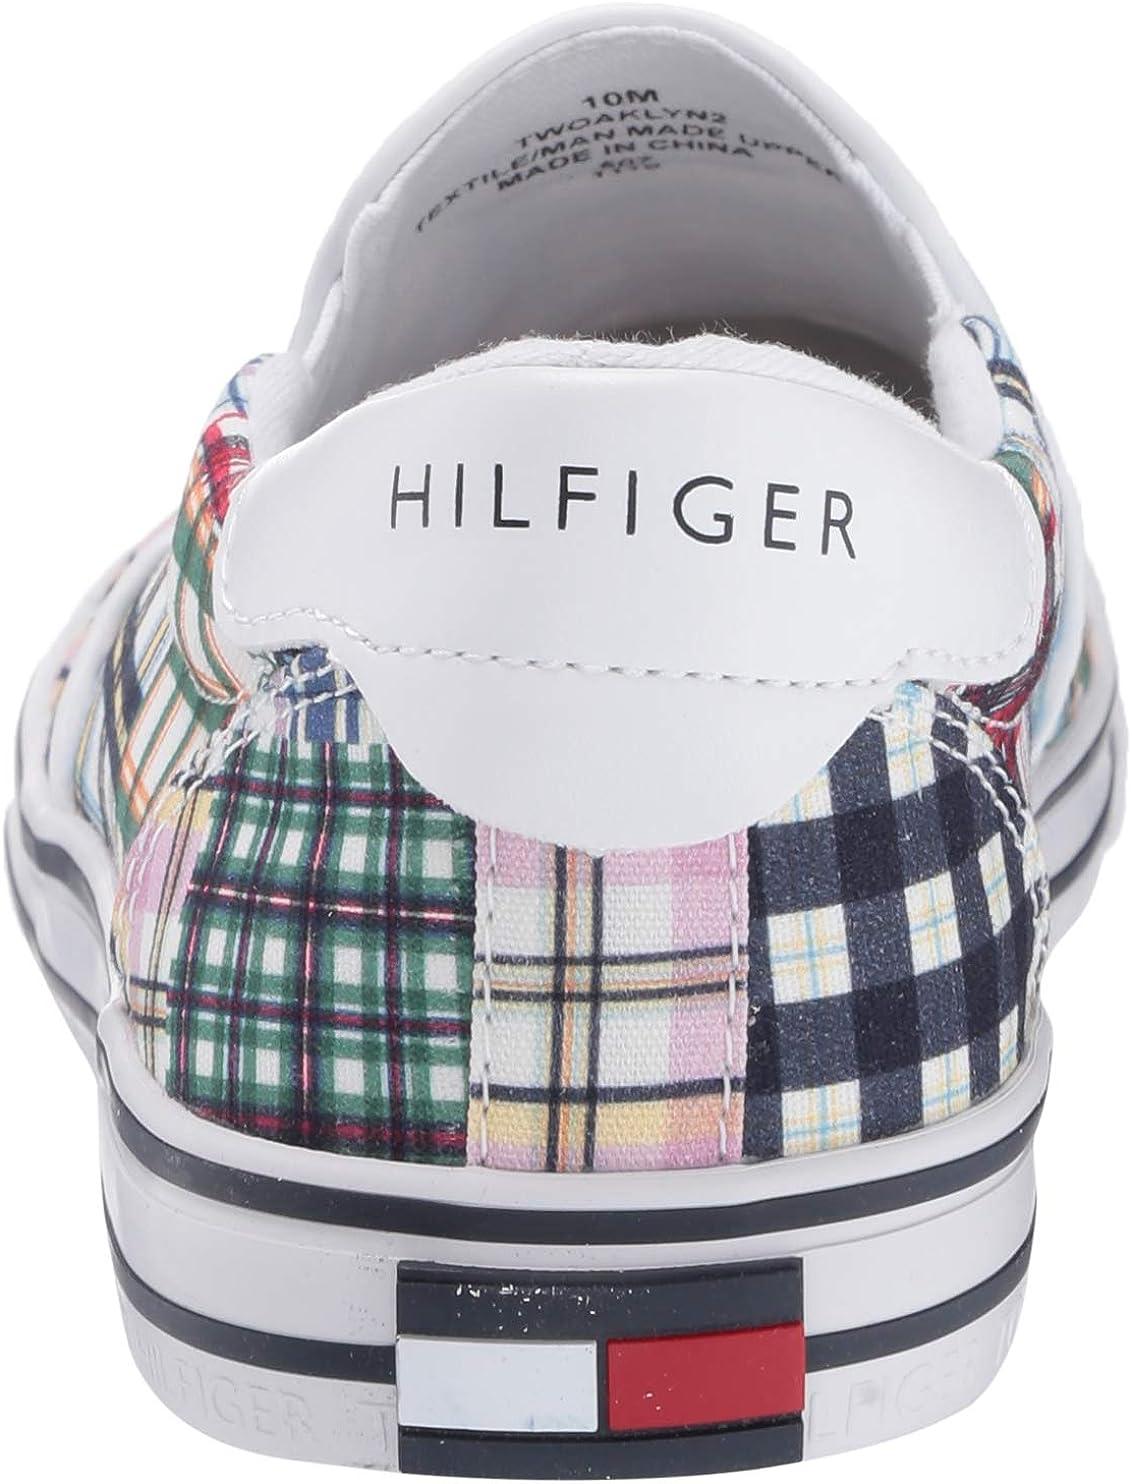 Tommy Hilfiger Women's Fashion Sneaker